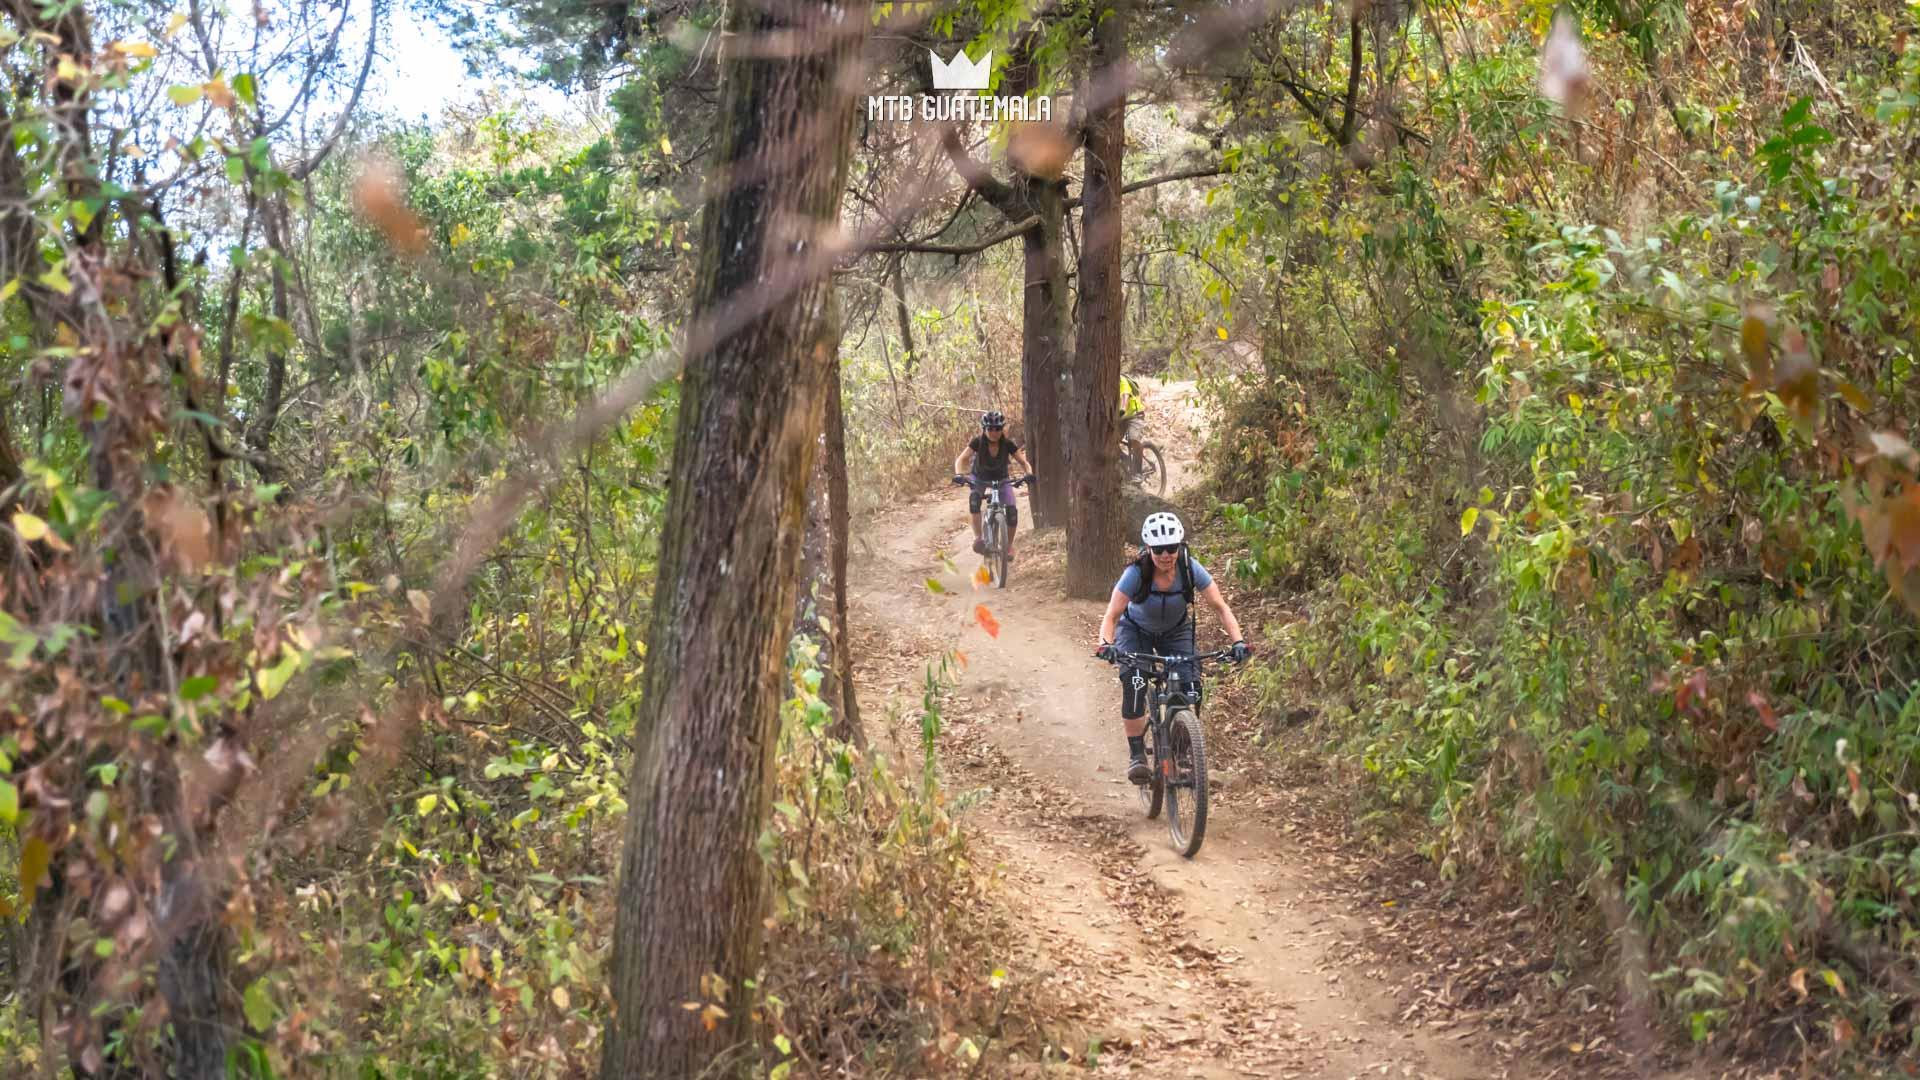 BIGMTN-180219-149-G85.dng - Florencia Mountain Bike Tour Antigua Guatemala